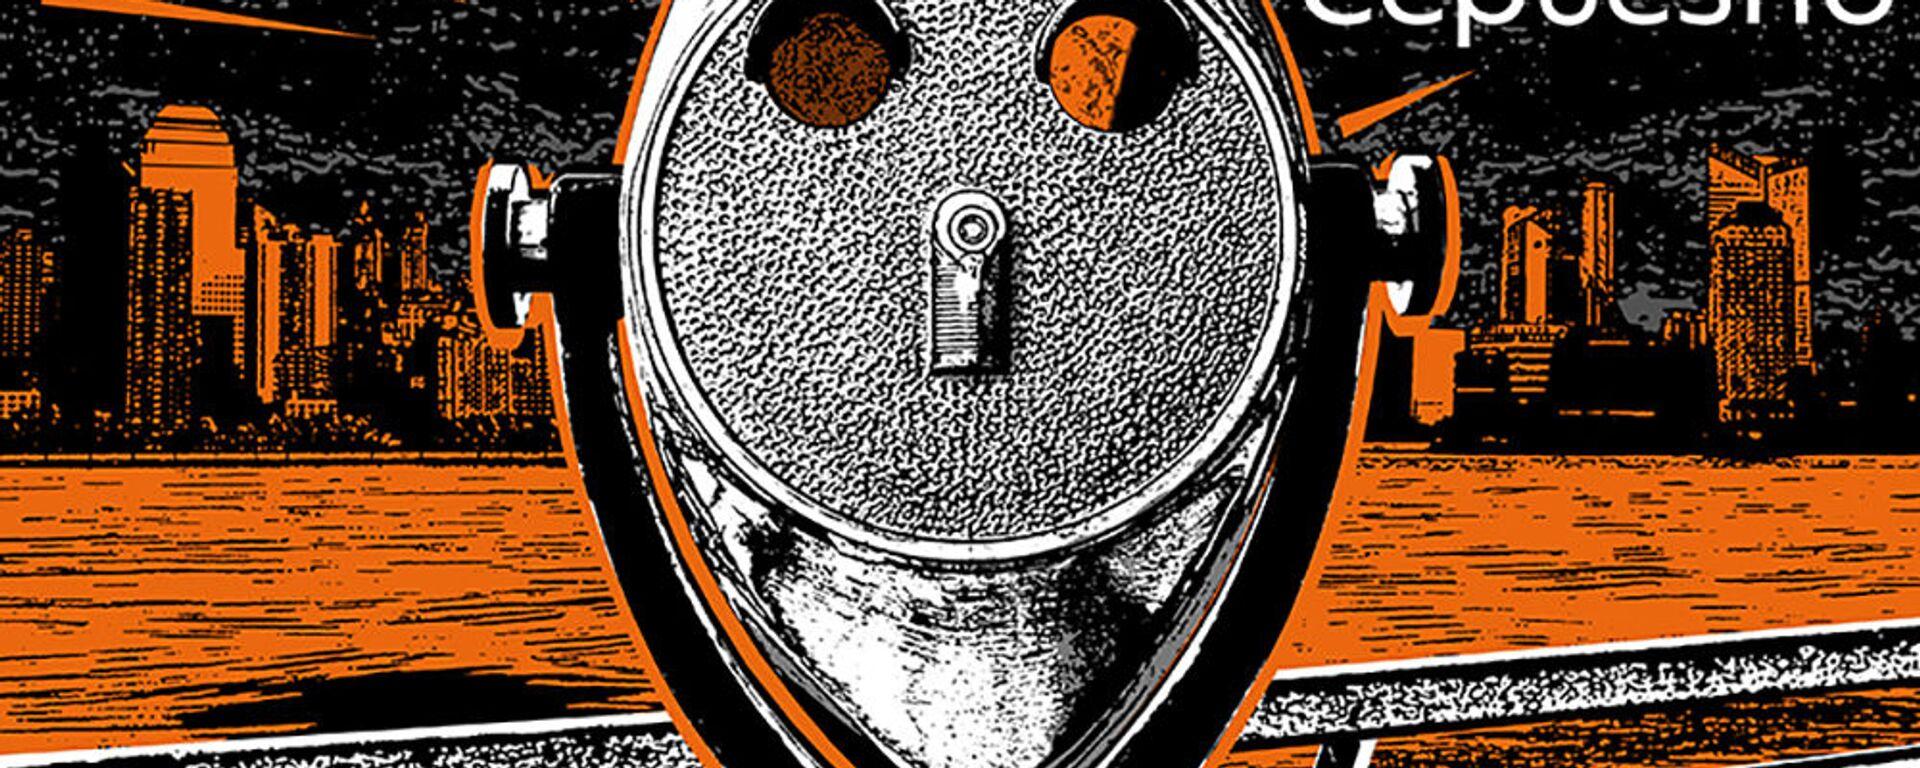 ИноСМИ. Серьезно - Sputnik Латвия, 1920, 18.05.2019